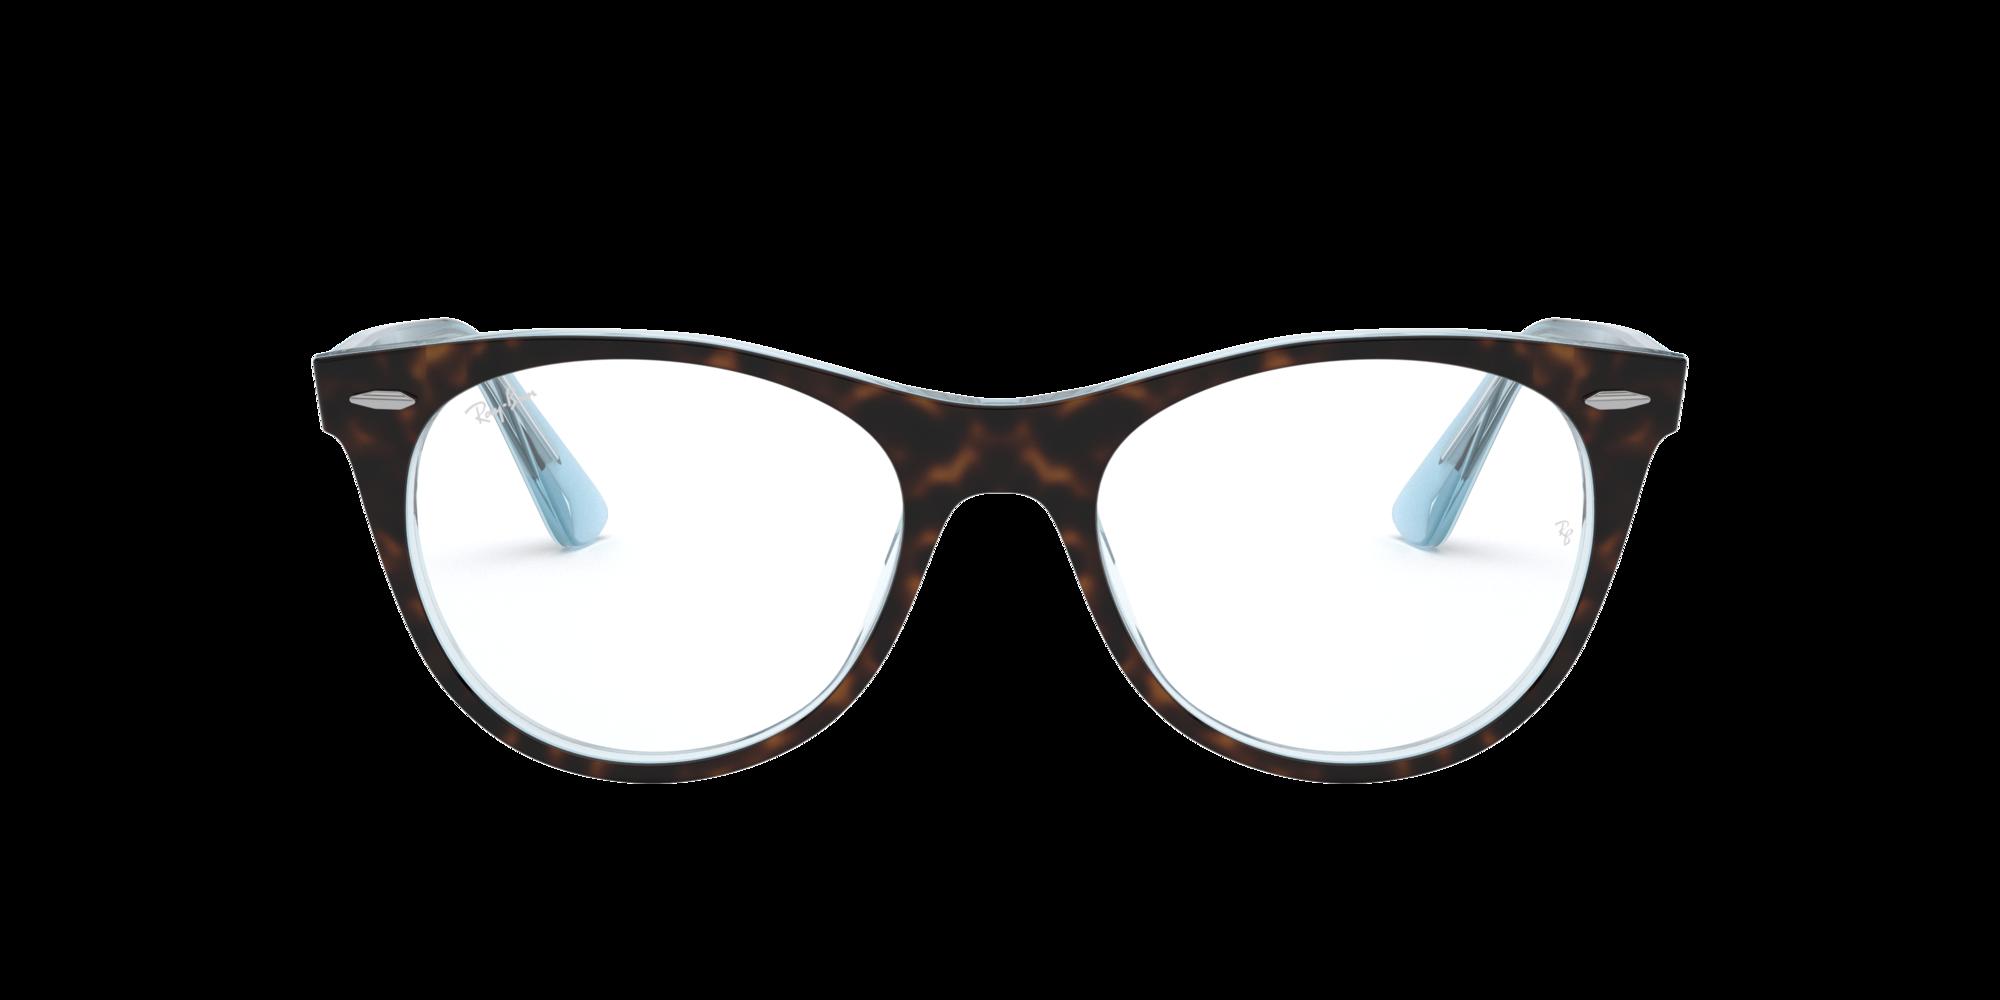 Imagen para RX2185V WAYFARER II de LensCrafters |  Espejuelos, espejuelos graduados en línea, gafas